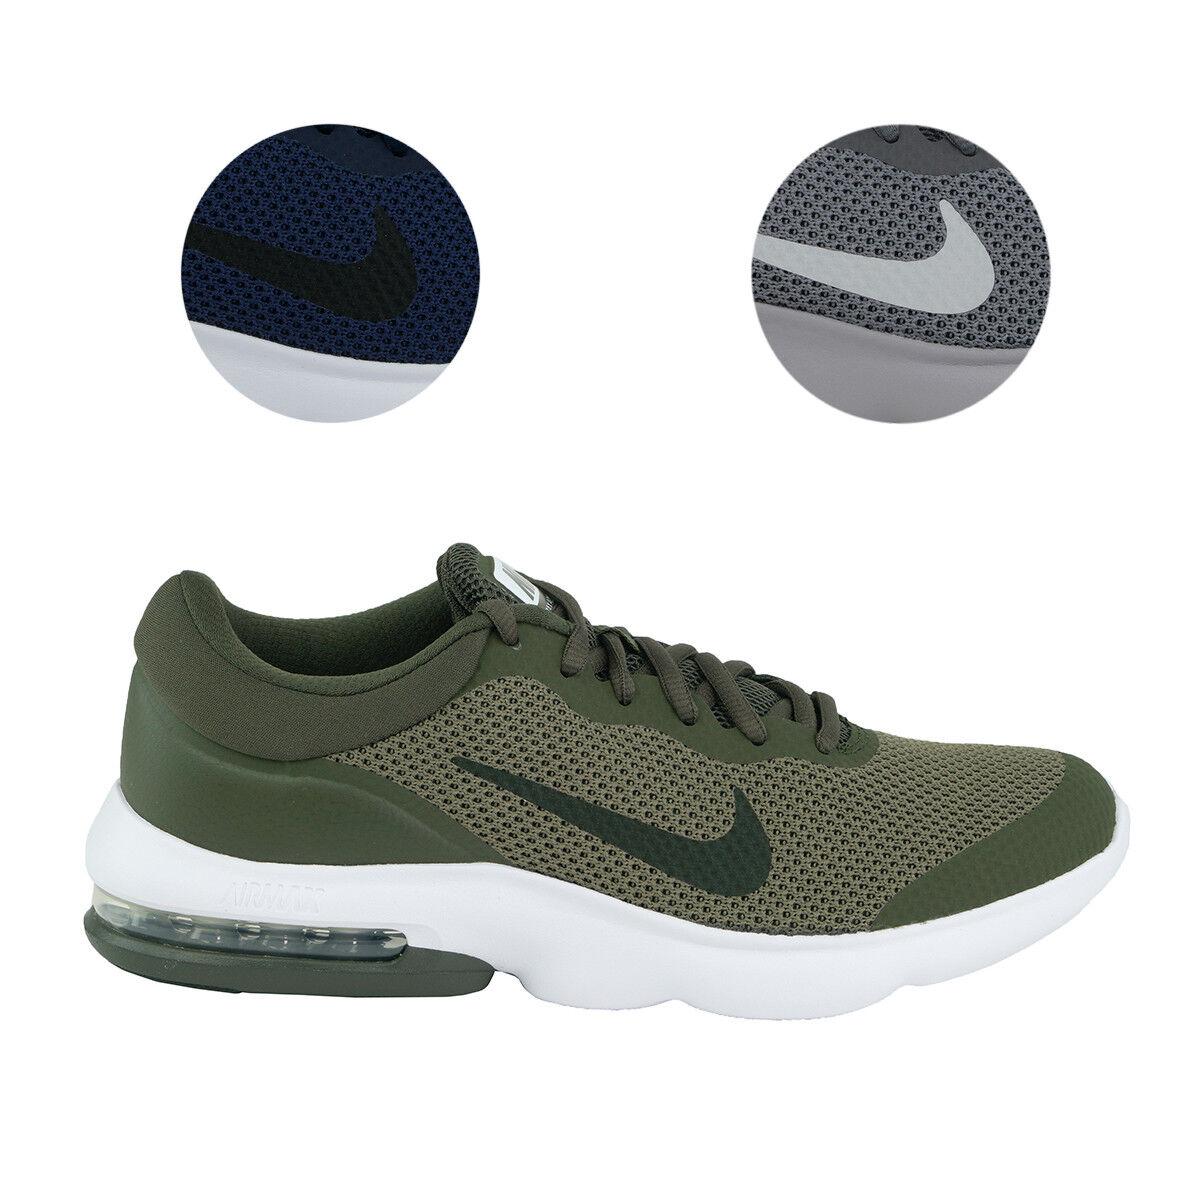 6f11e06e4 Nike Men s Men s Men s Air Max Advantage shoes e068ae - bowls ...